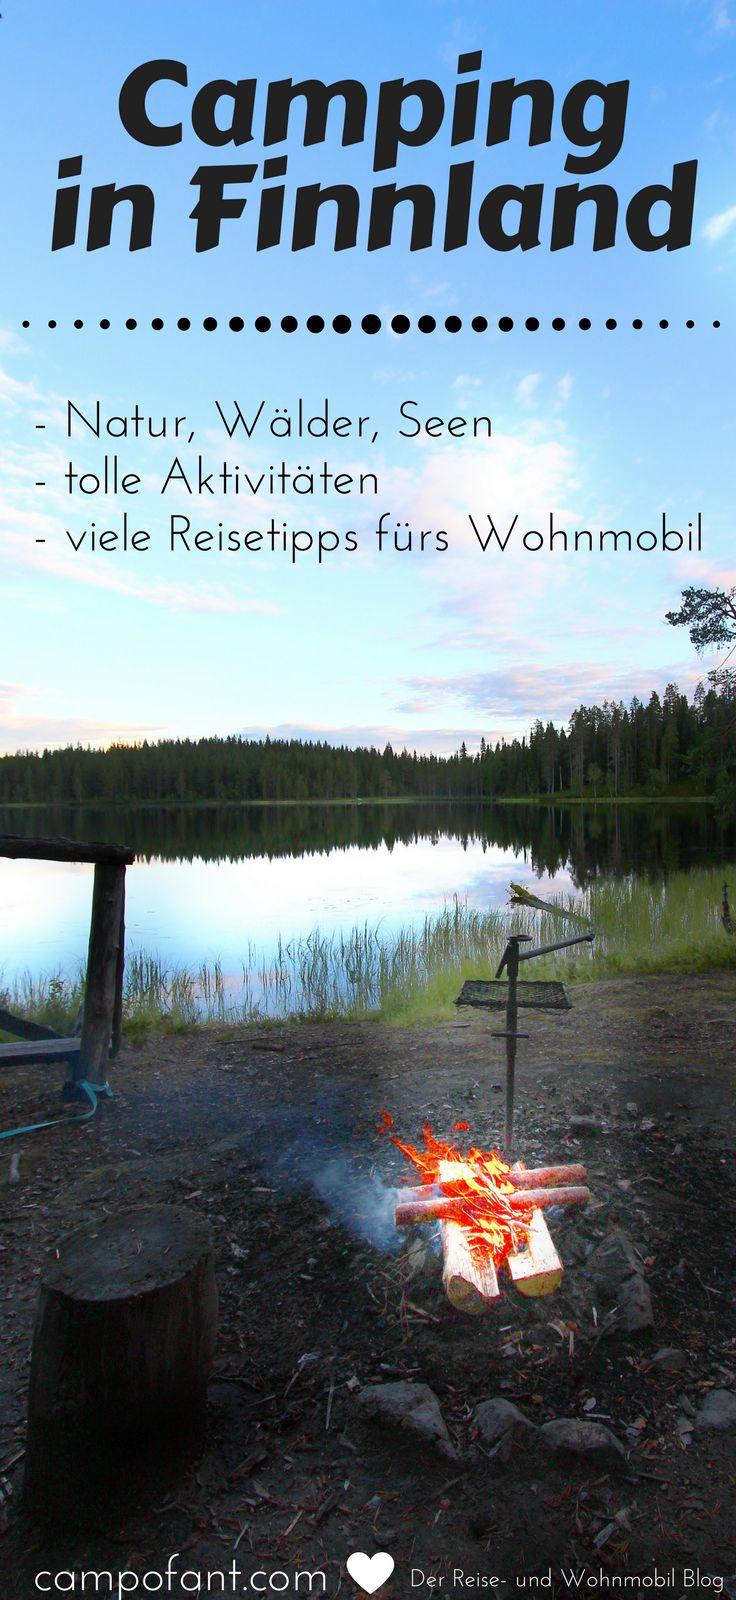 Finnland ist eines der nordischen Länder, das sich fürs Camping geradezu anbietet. Wir haben gerade Lappland kennen und lieben gelernt, weshalb wir eine Reise nach Finnland nur empfehlen können. Ein unvergesslicher Urlaub für alle, die gerne draußen sind und die Natur lieben. Jede Menge Wanderwege und Wälder mit einer Unmenge an Pilzen sorgen für einen aktiven Urlaub in diesem doch eher weniger beachteten nordischen Land. Doch wie sieht es dort mit Campingplätzen aus und wie kommt man mit…